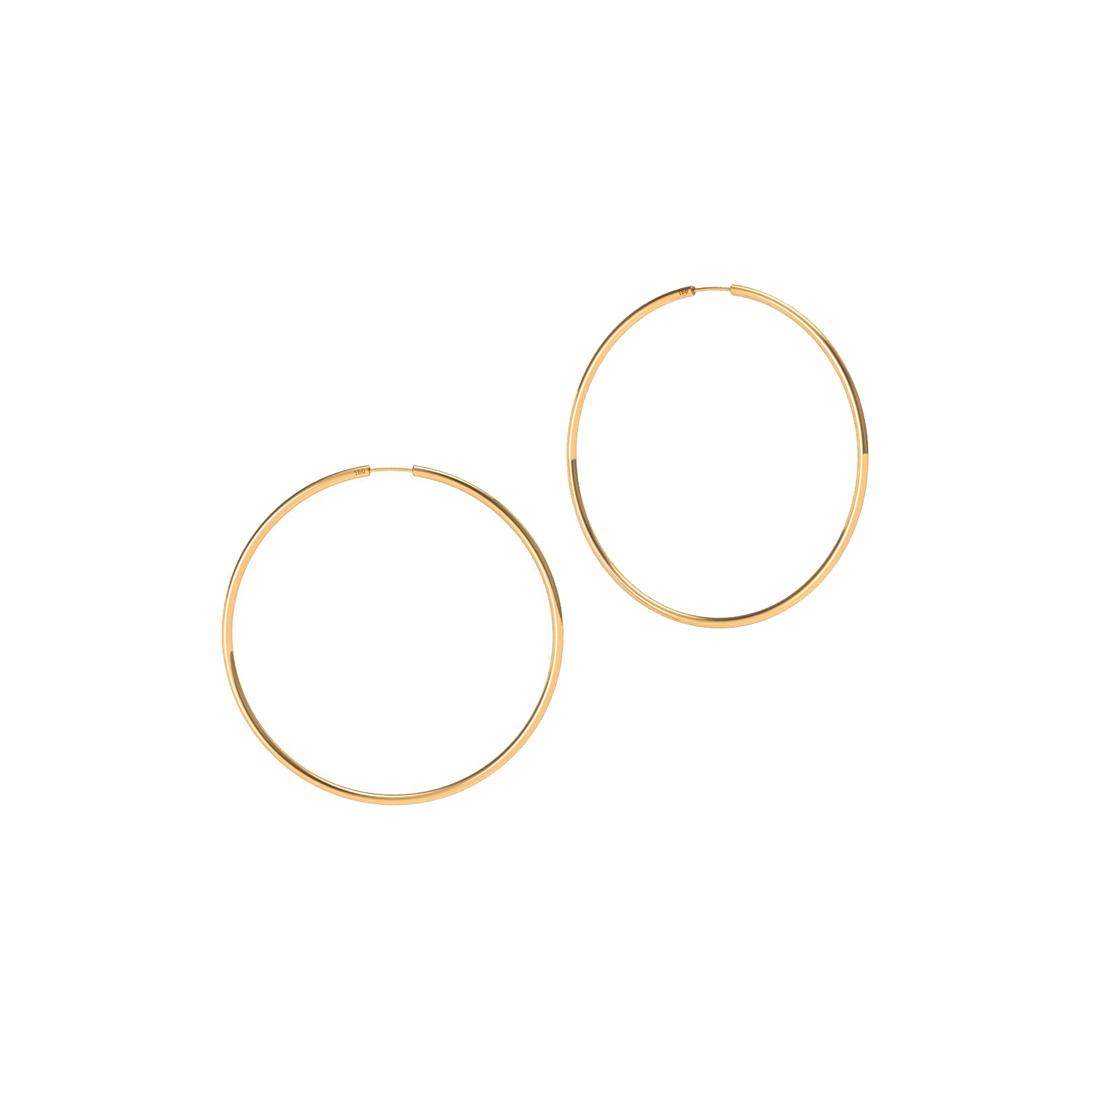 Brinco Argola 14 Milímetros Fio Redondo Unissex Ouro 18K K060 03327